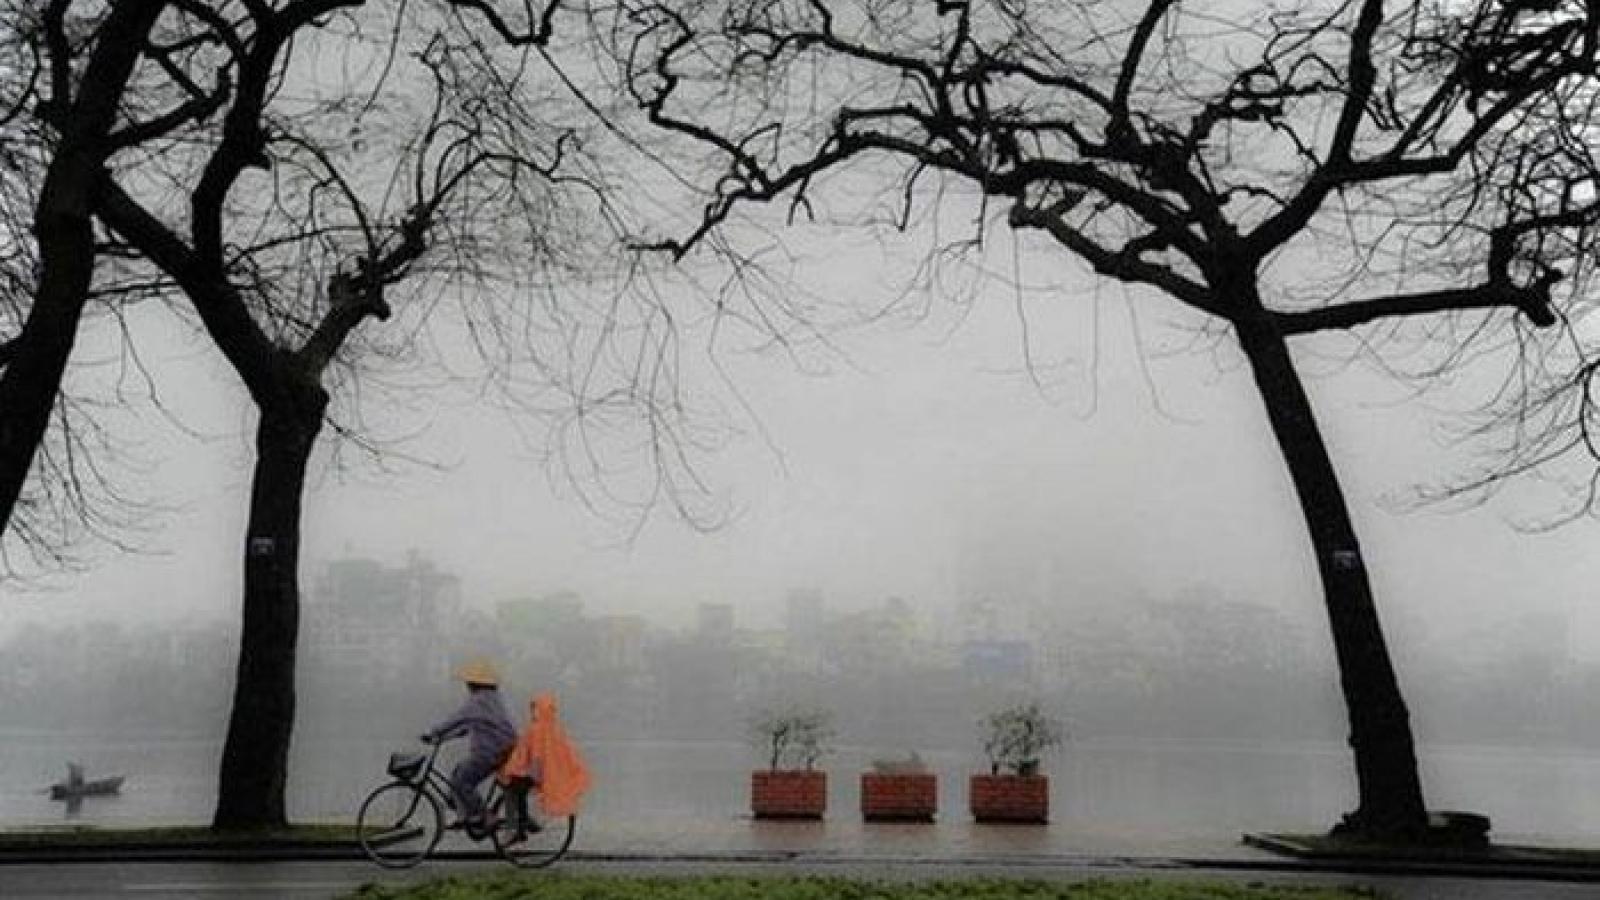 Thời tiết ngày 6/4: Miền Bắc có mưa, Nam bộ nắng nóng